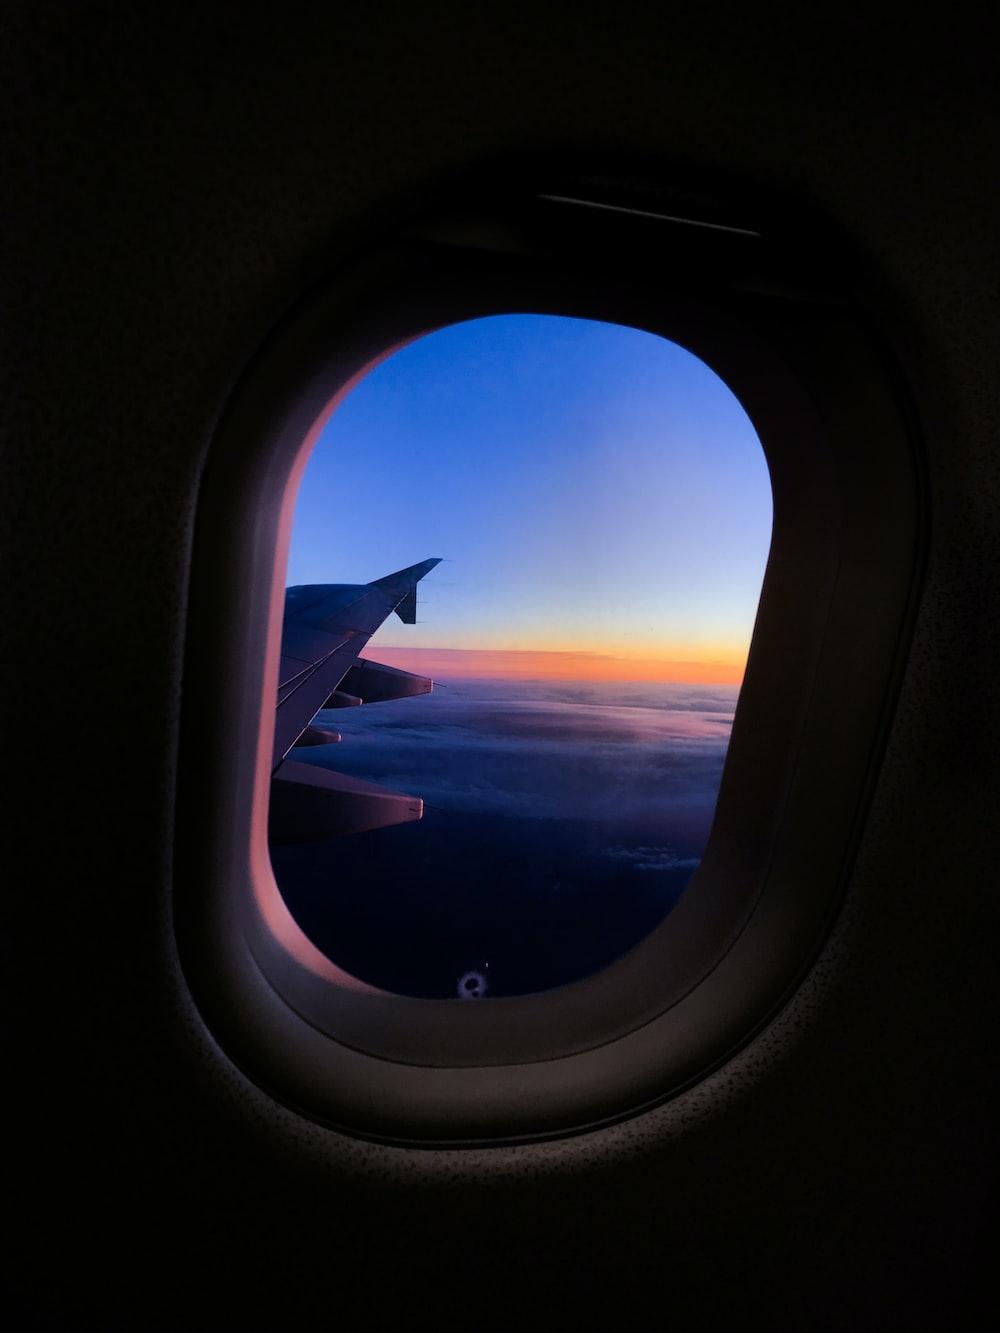 white plane on take off